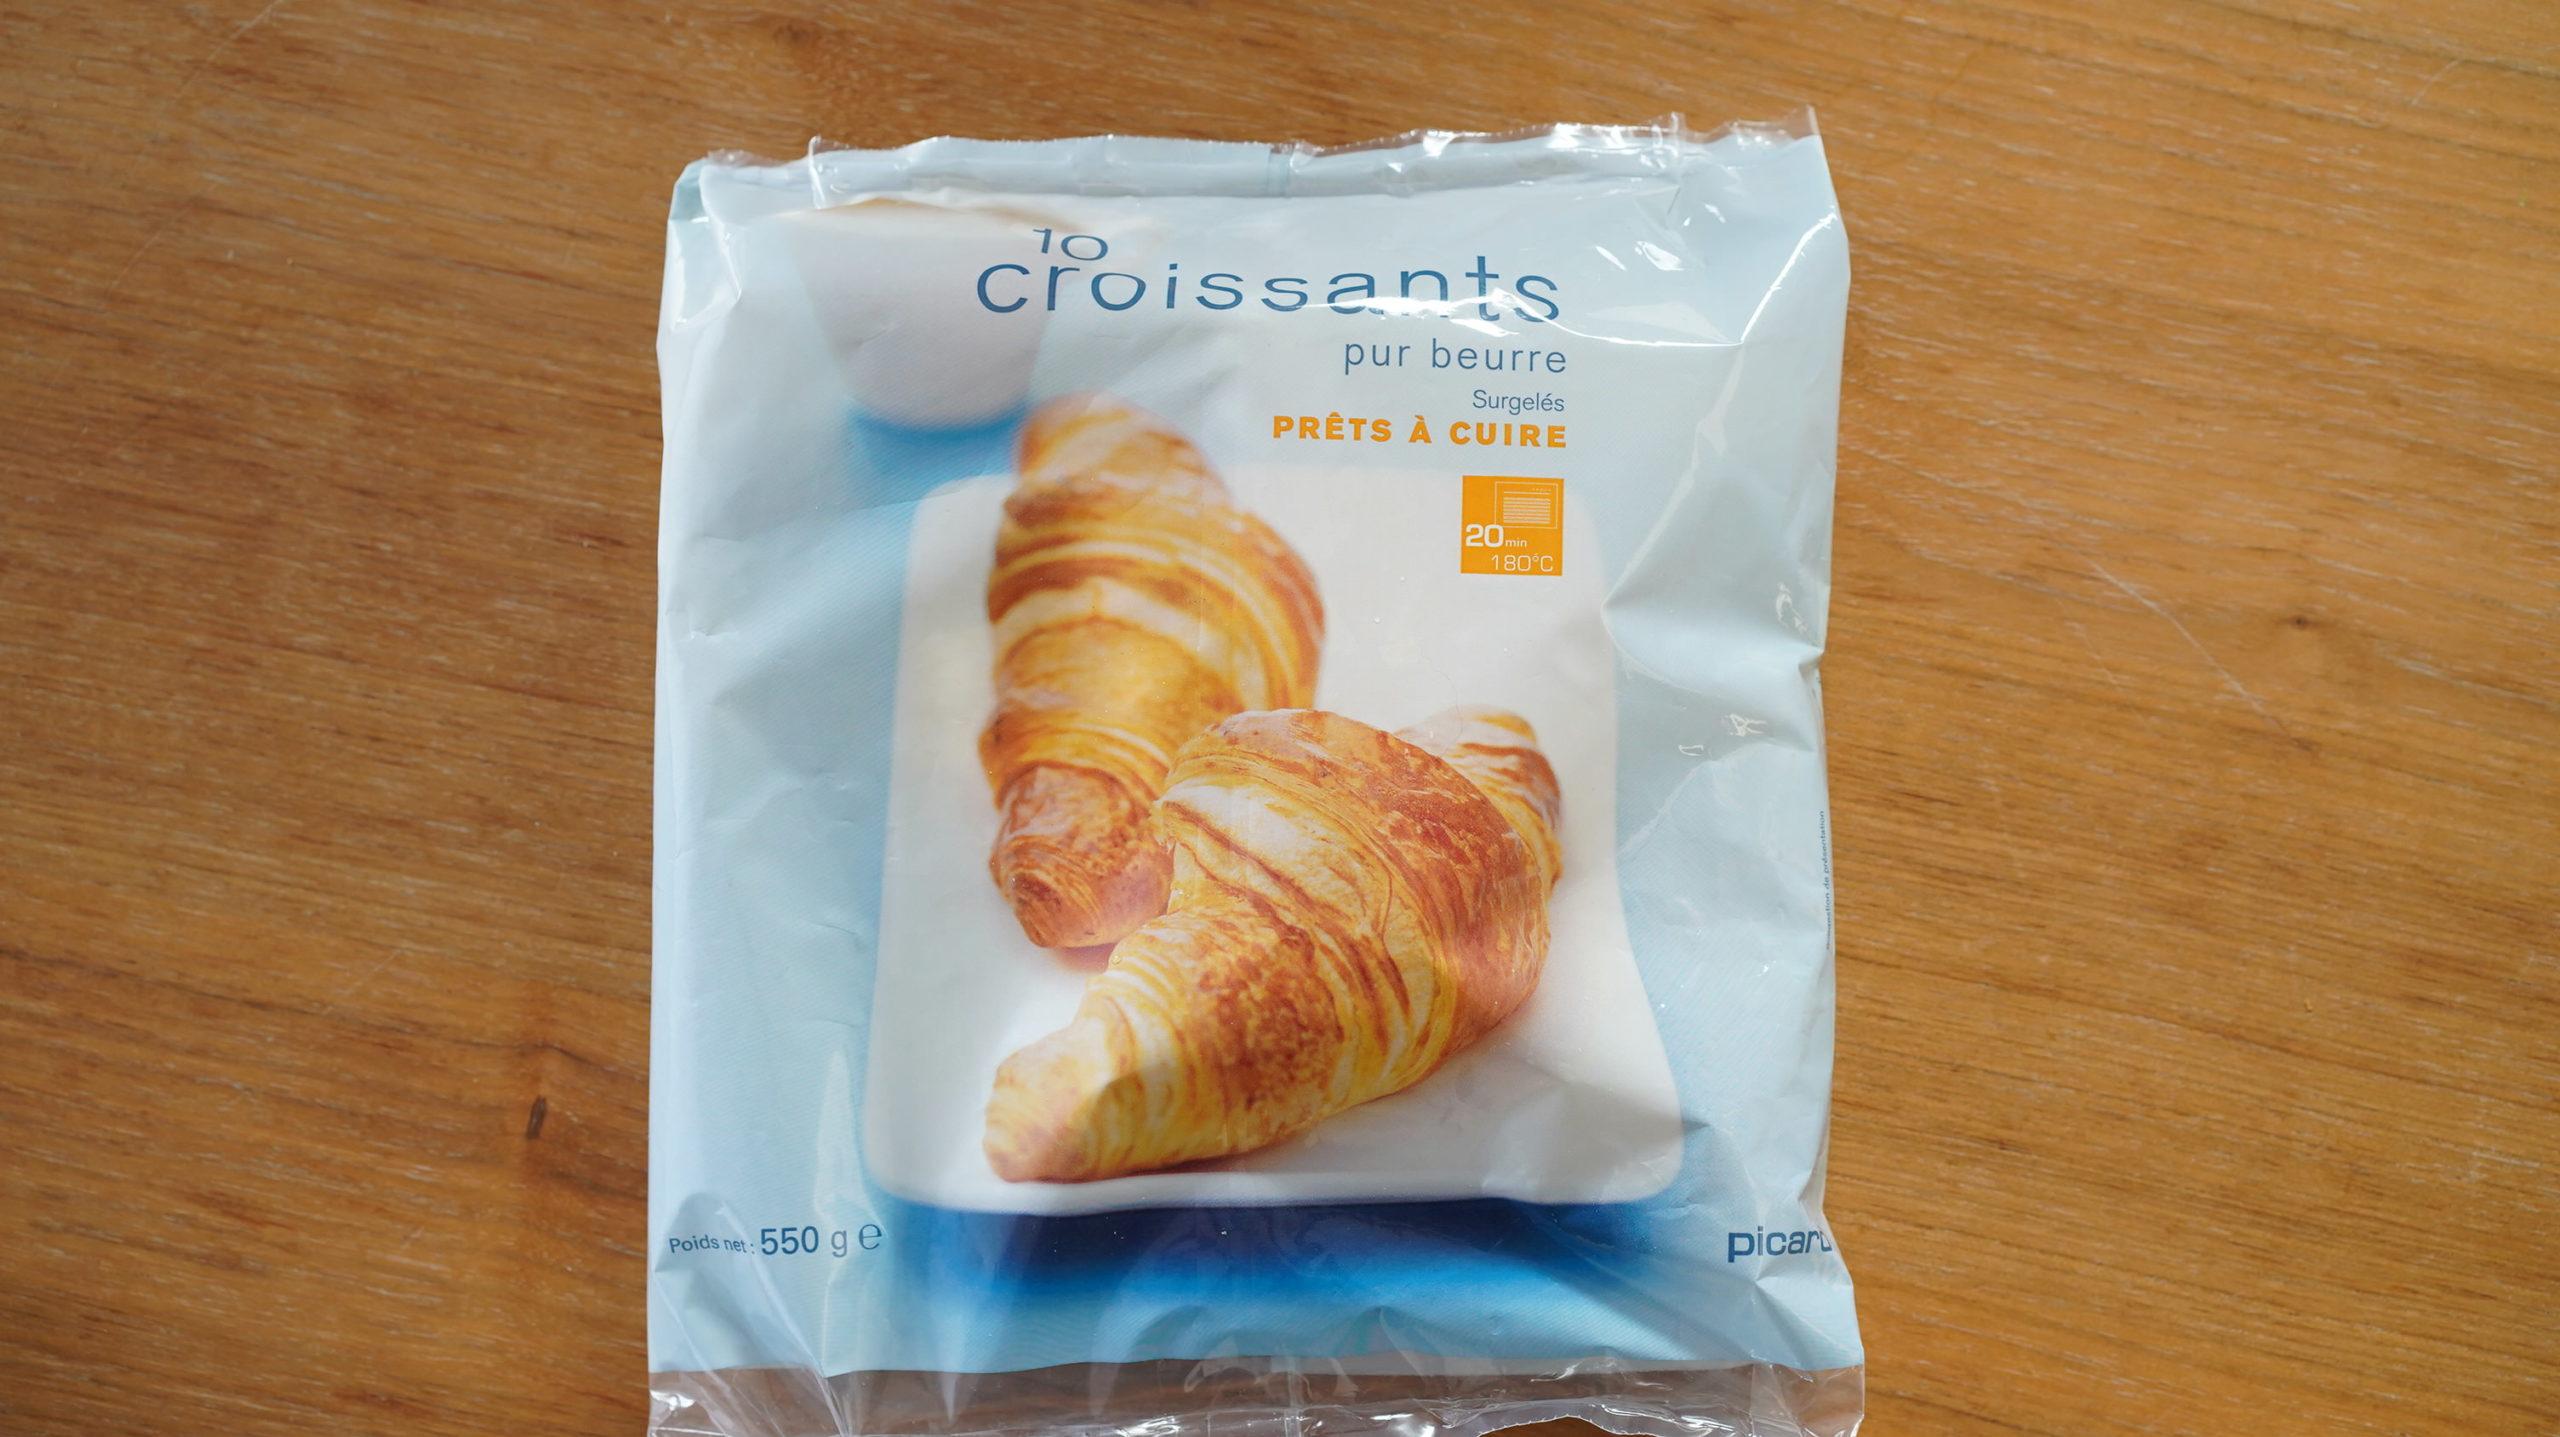 ピカール冷凍食品の送料(オンラインショップ通販で買う場合)3